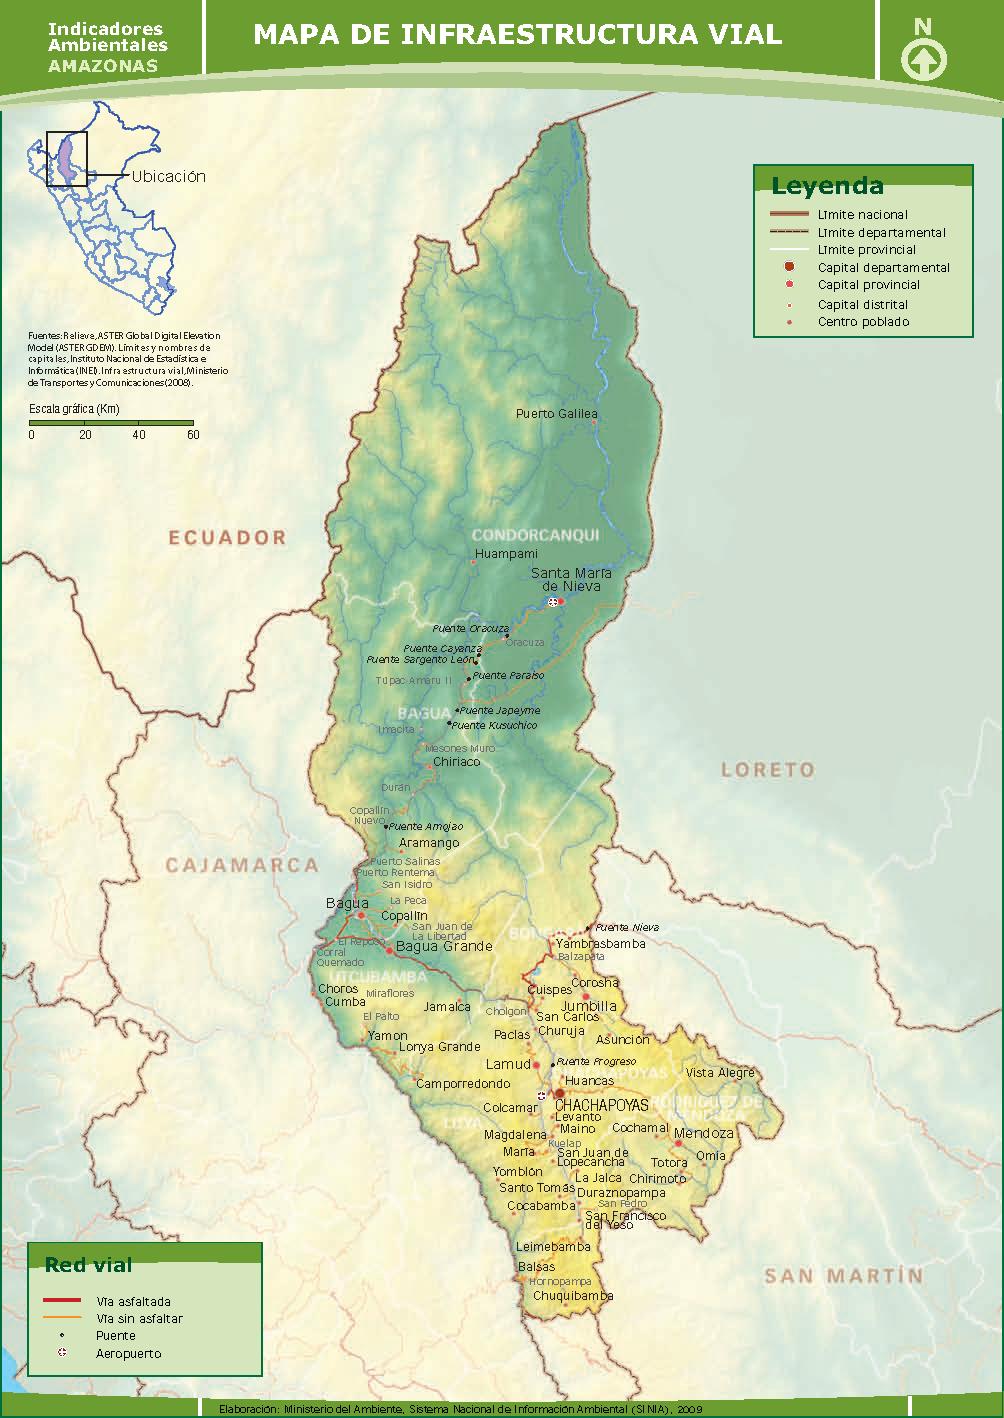 Mapa de Infraestructura Vial de Amazonas - 2009.   SINIA